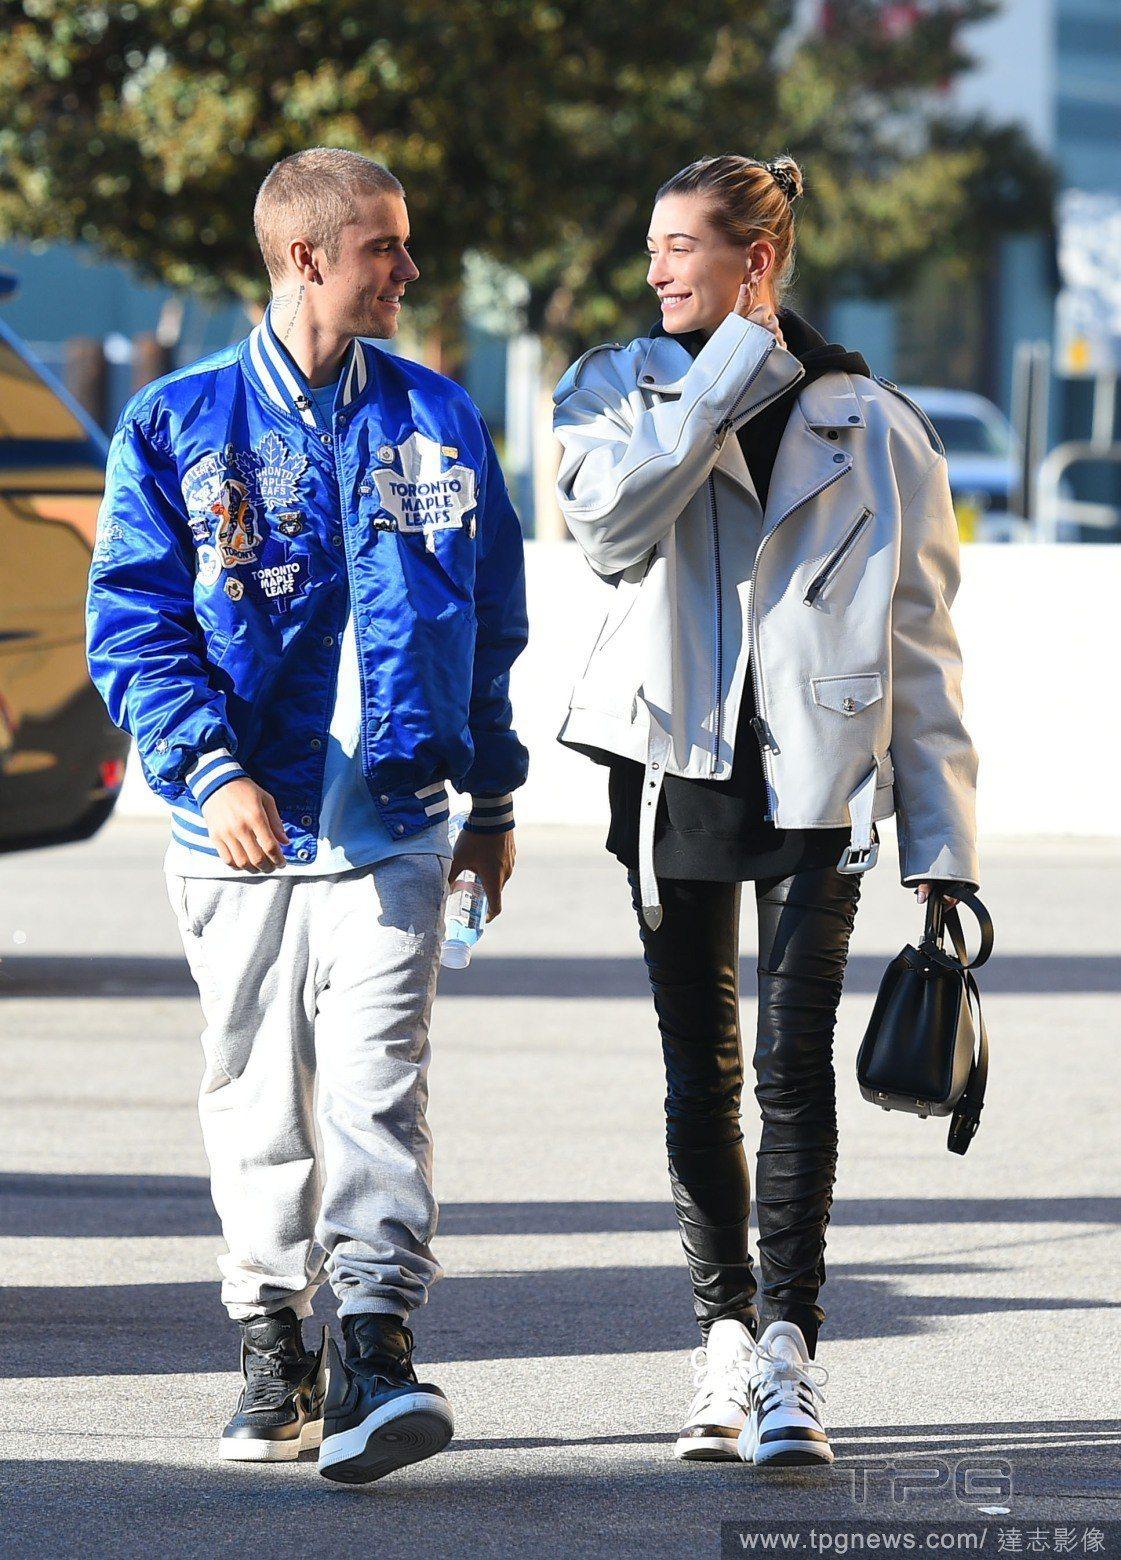 小賈斯汀(Justine Bieber)與海莉鮑溫(Hailey Baldwin...